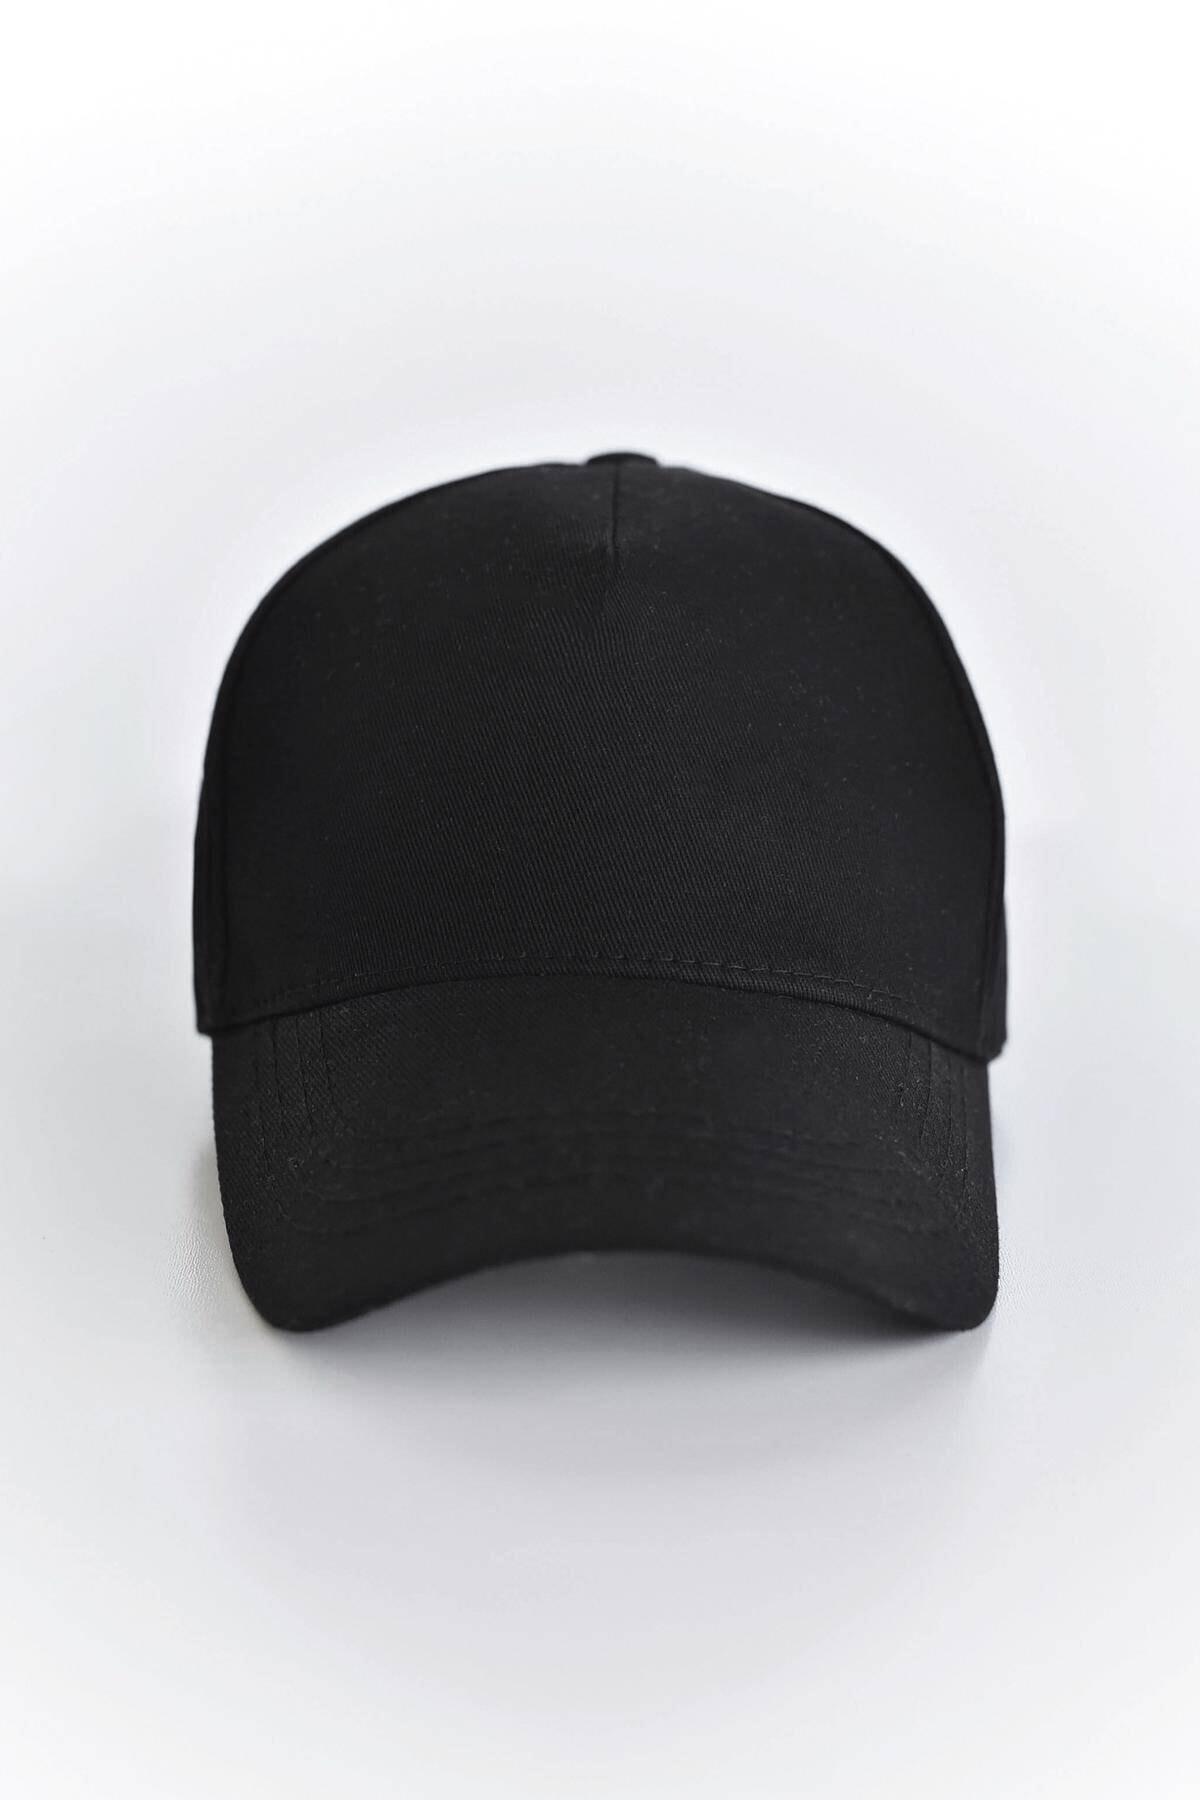 Addax Kadın Siyah Unisex Şapka ŞPK1007 - AKS ADX-0000022027 1